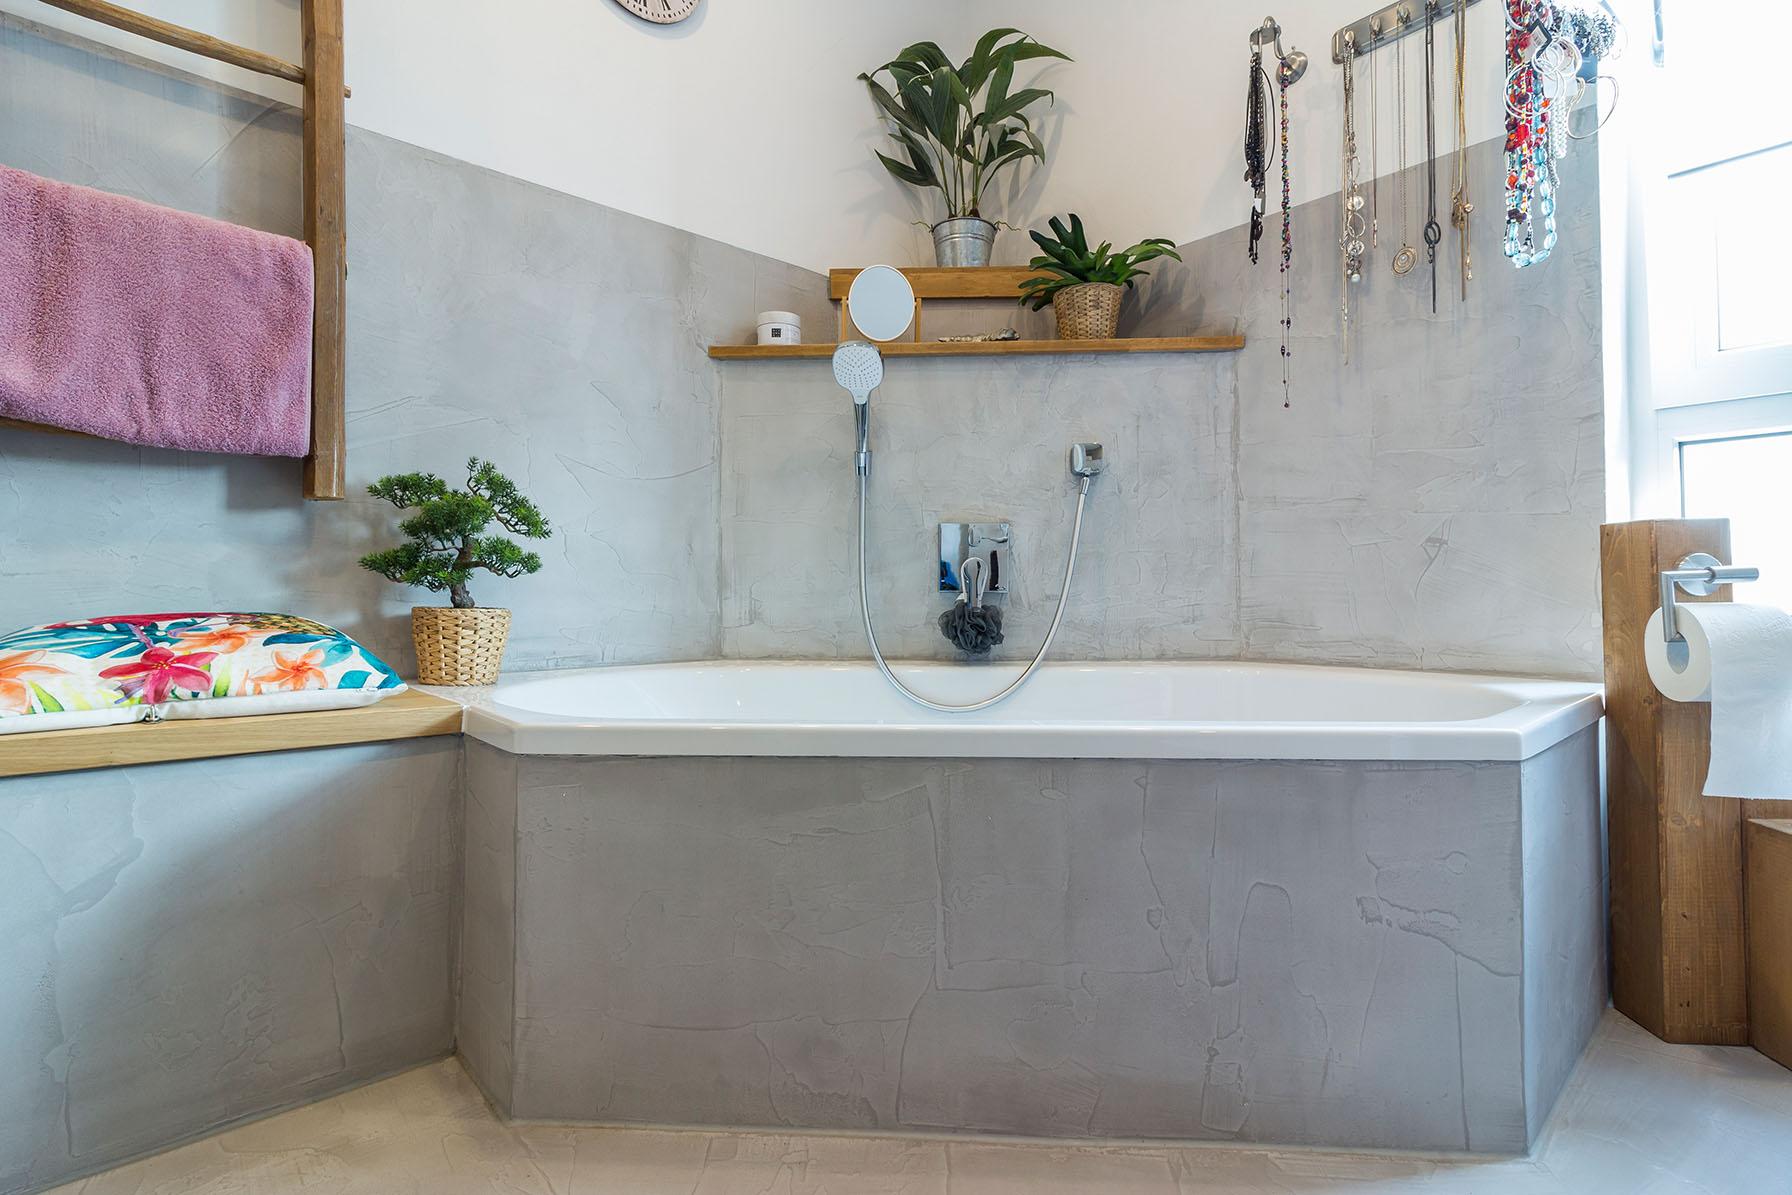 Badezimmer Spachtelbeton gespachteter Beton Dusche Badewanne Betonboden Gussboden fugenlos Treppe grau Küche Bad Badezimmer Wohnzimmer Tisch Möbel mainTisch mainBeto - Kopie